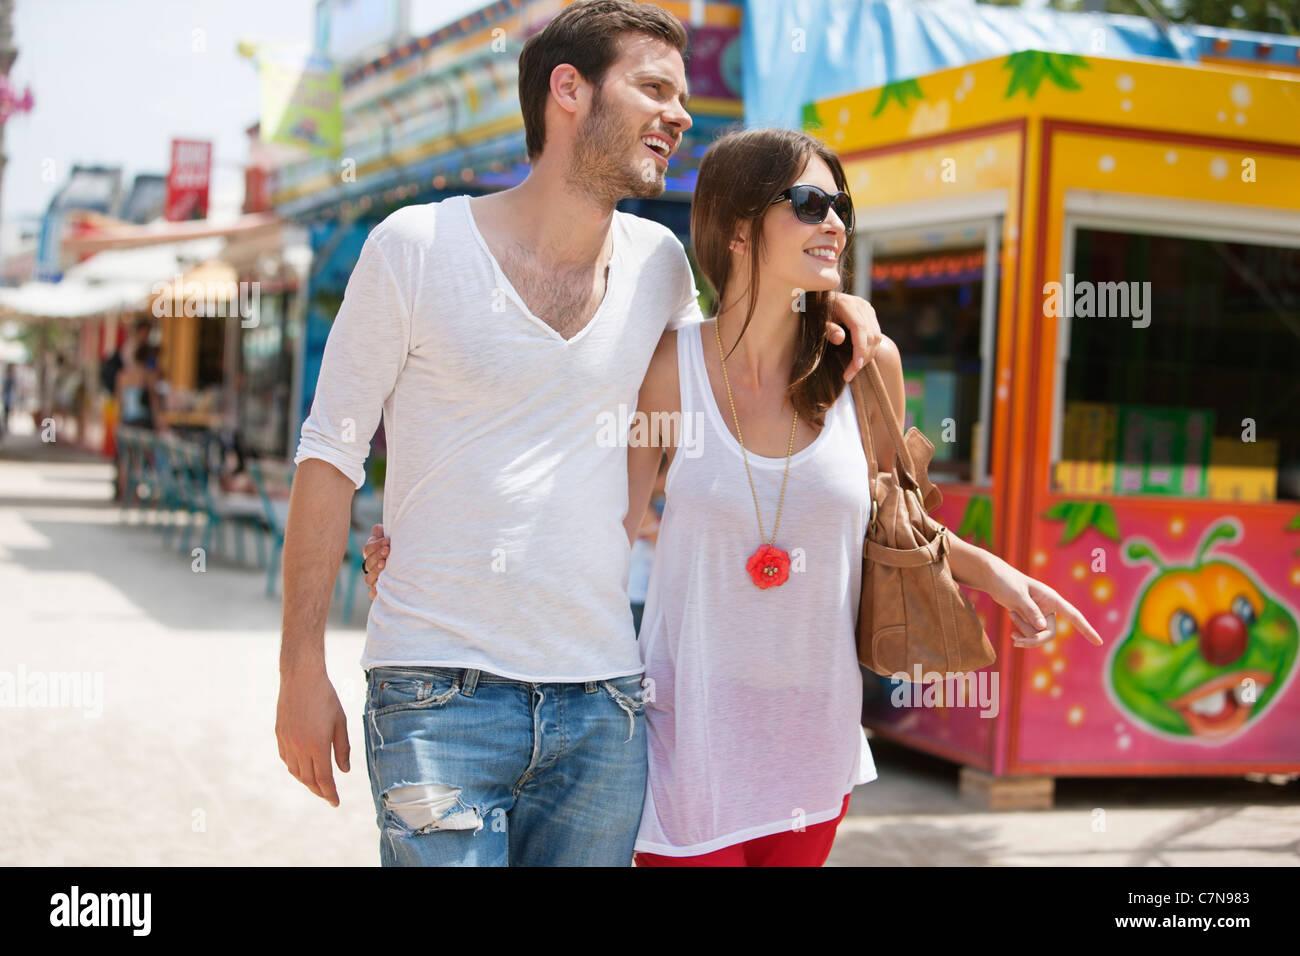 Couple walking in amusement park, Jardin des Tuileries, Paris, Ile-de-France, France - Stock Image